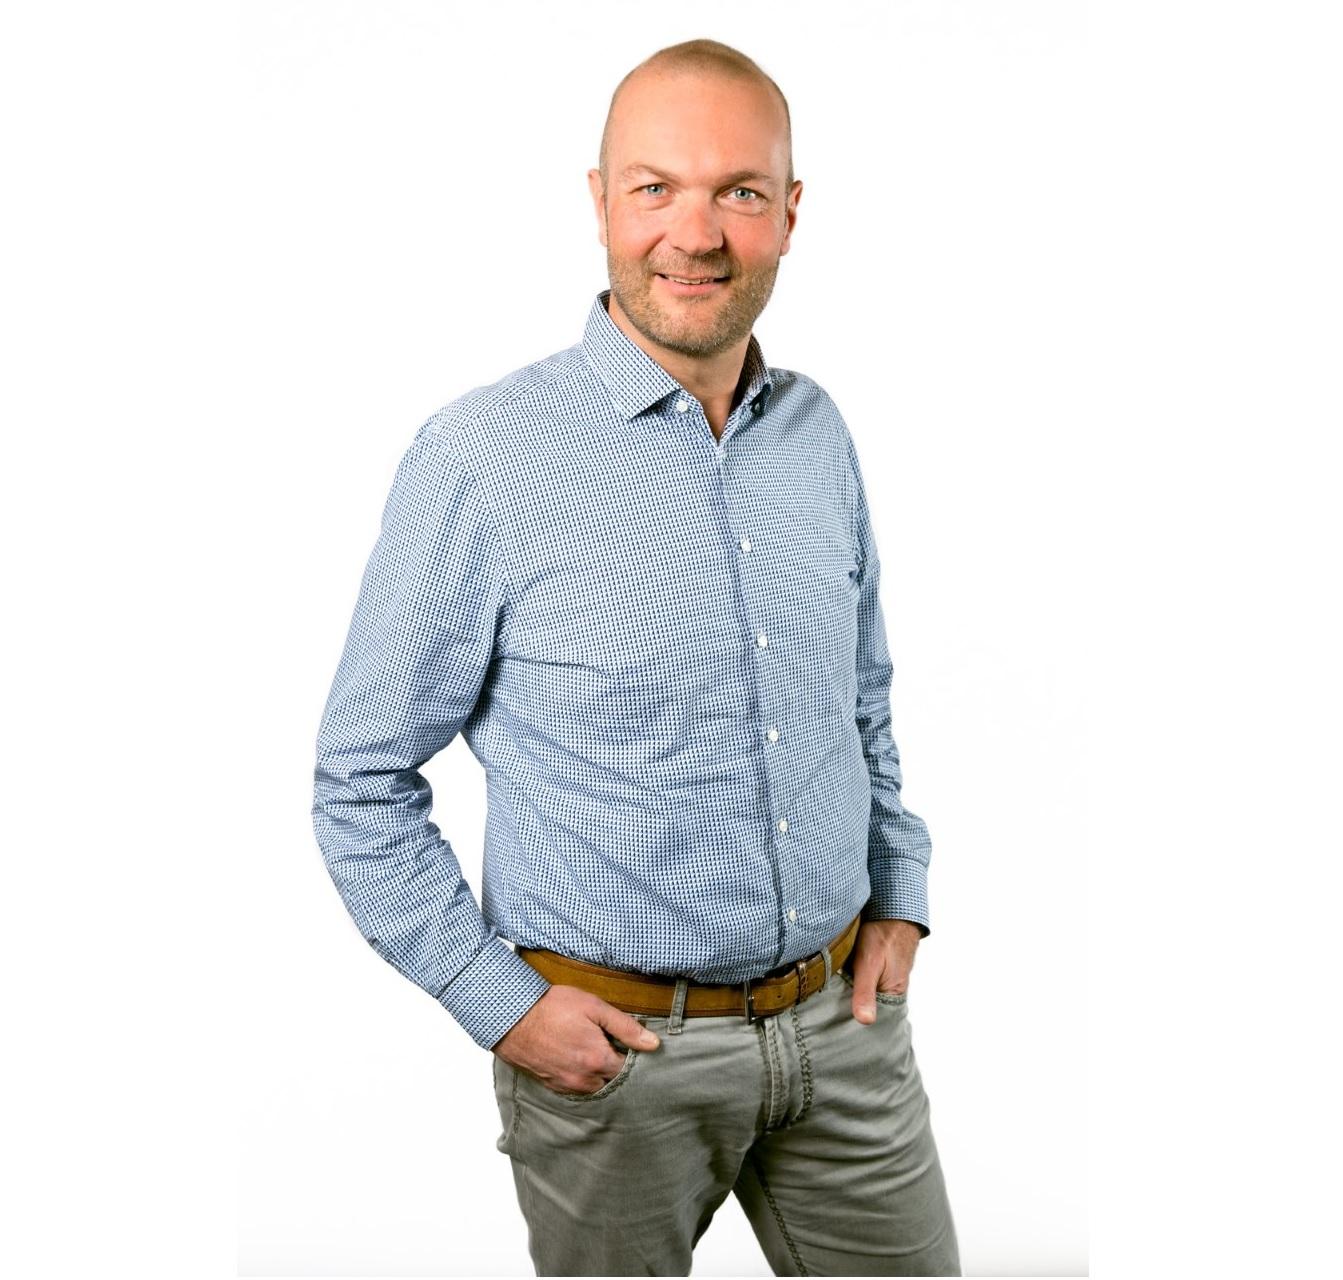 Afbeelding uit het bericht Hypotheekadvies bij Independer: 8 vragen aan nieuwe CEO Coen de Ruiter